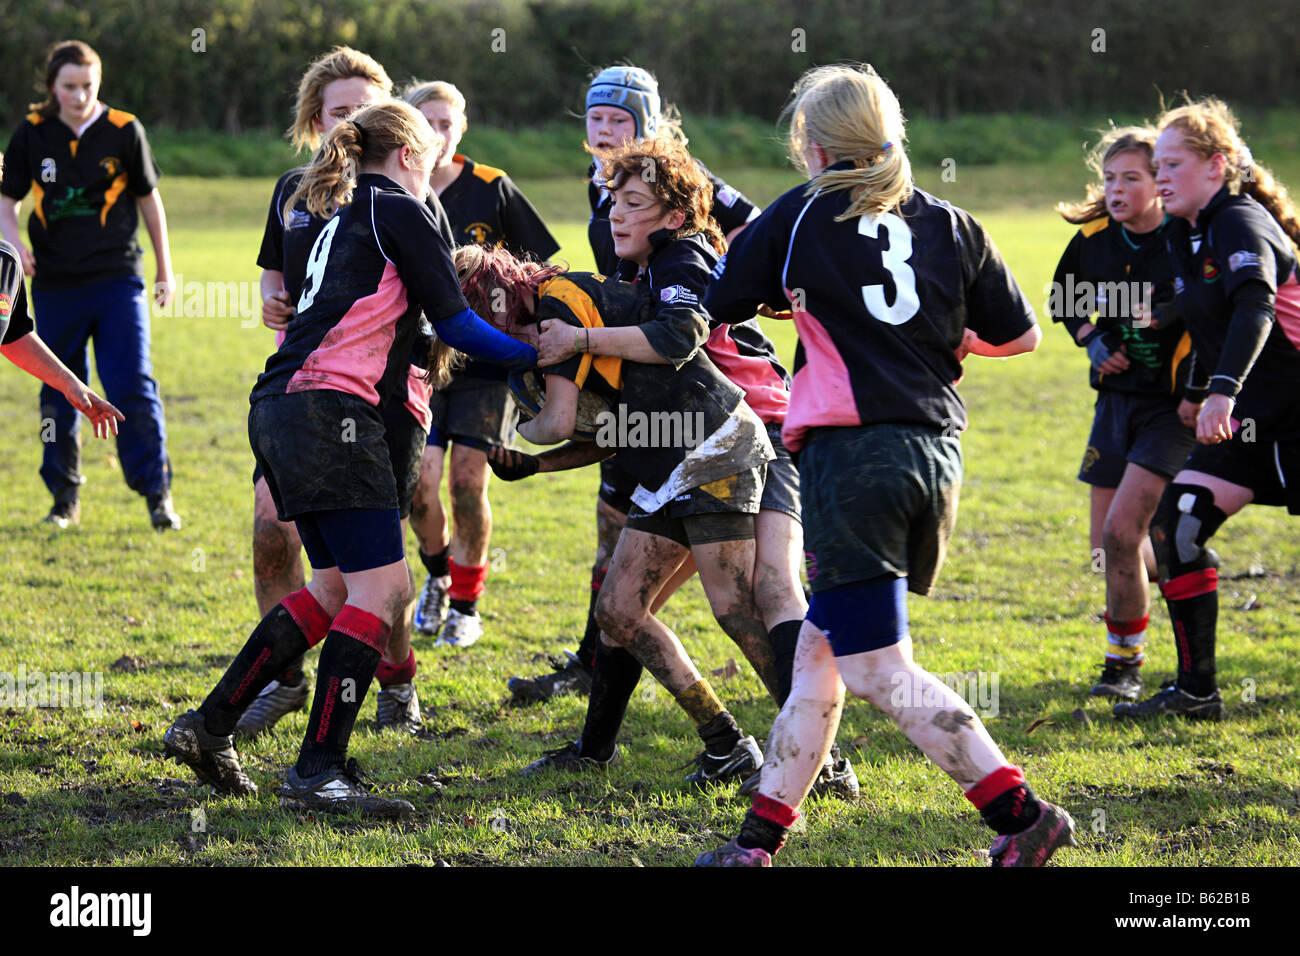 Rugby teens